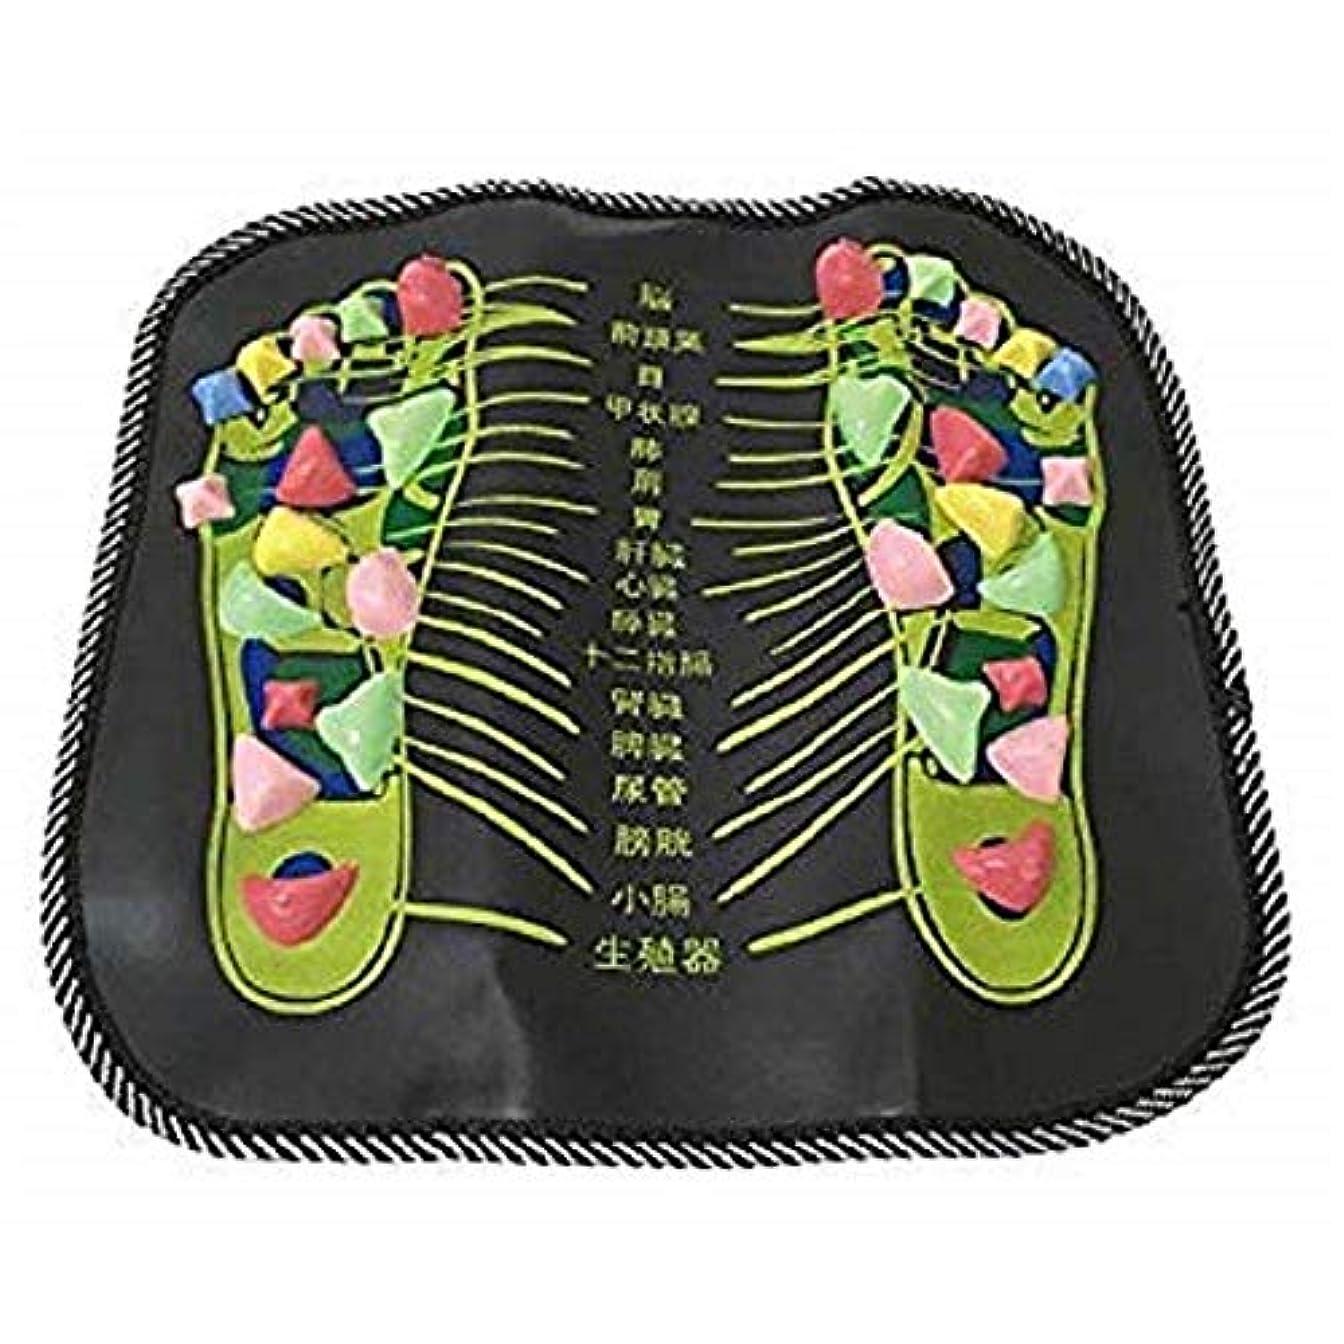 みラッカス納得させるYデパートセンター55® 足ツボマット 健康の路(小) コンパクトサイズ